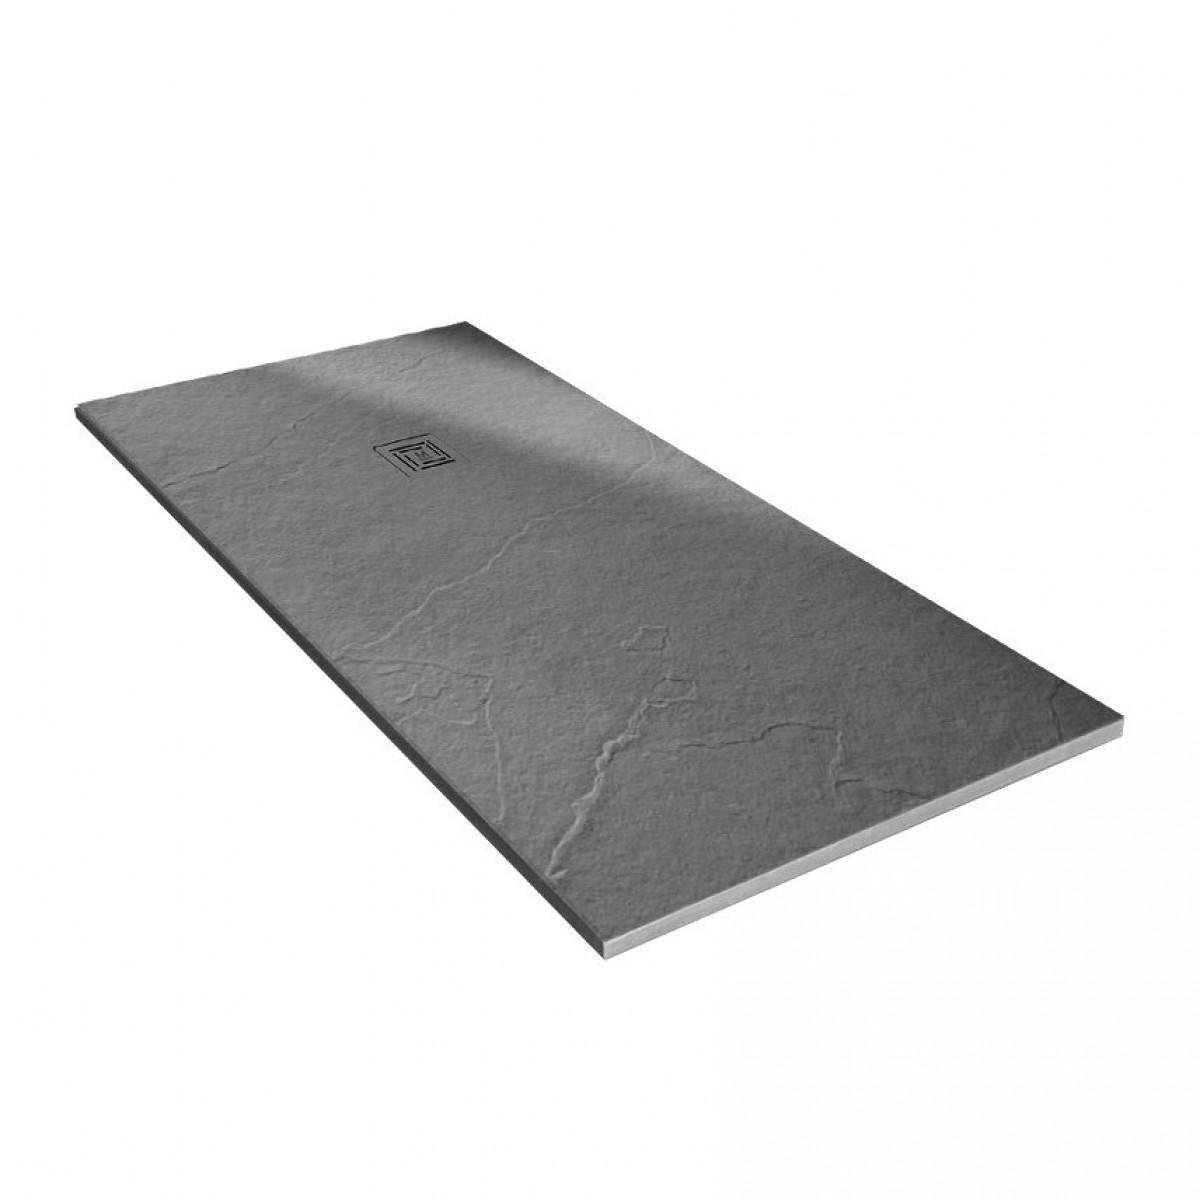 Merlyn Truestone Rectangular Shower Tray 1600 x 800mm Fossil Grey ...